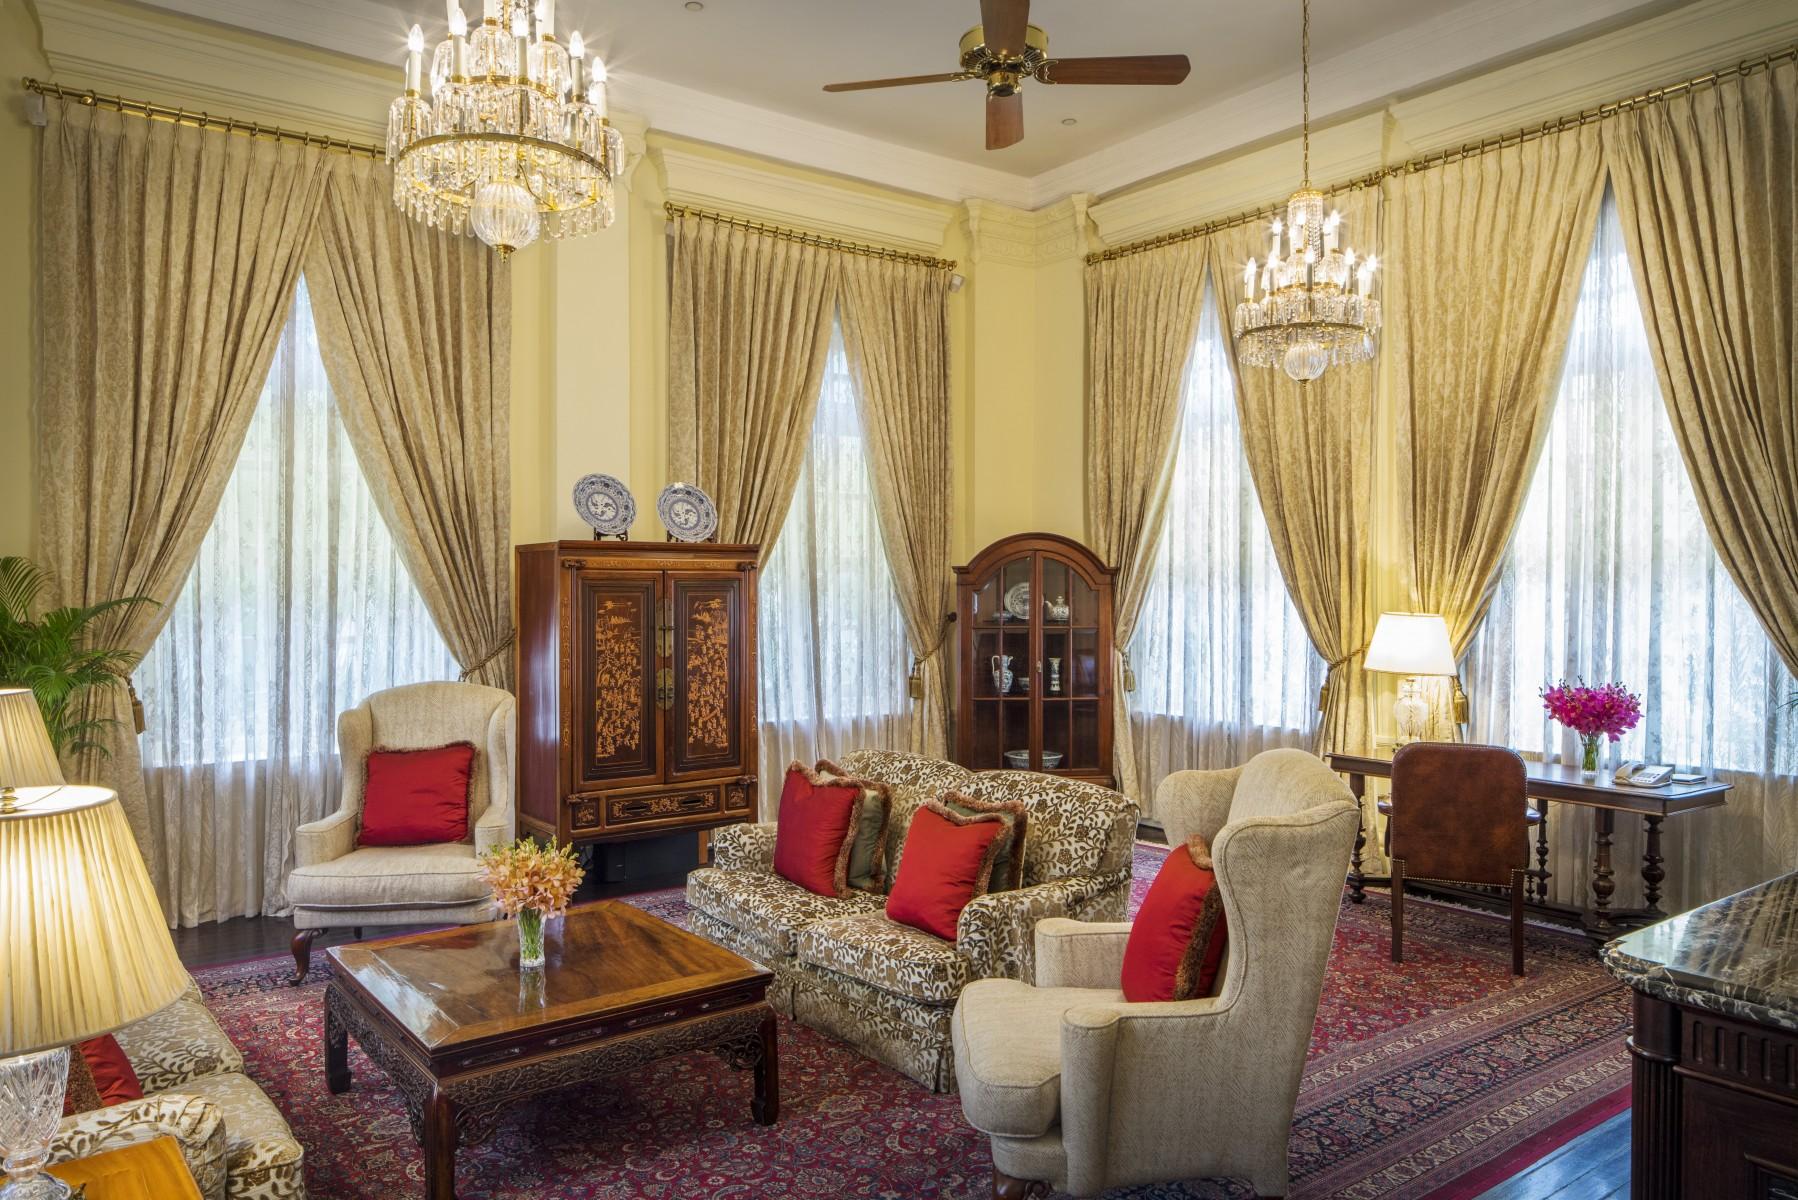 Raffles Hotel Presidential-Suite-Living-Room